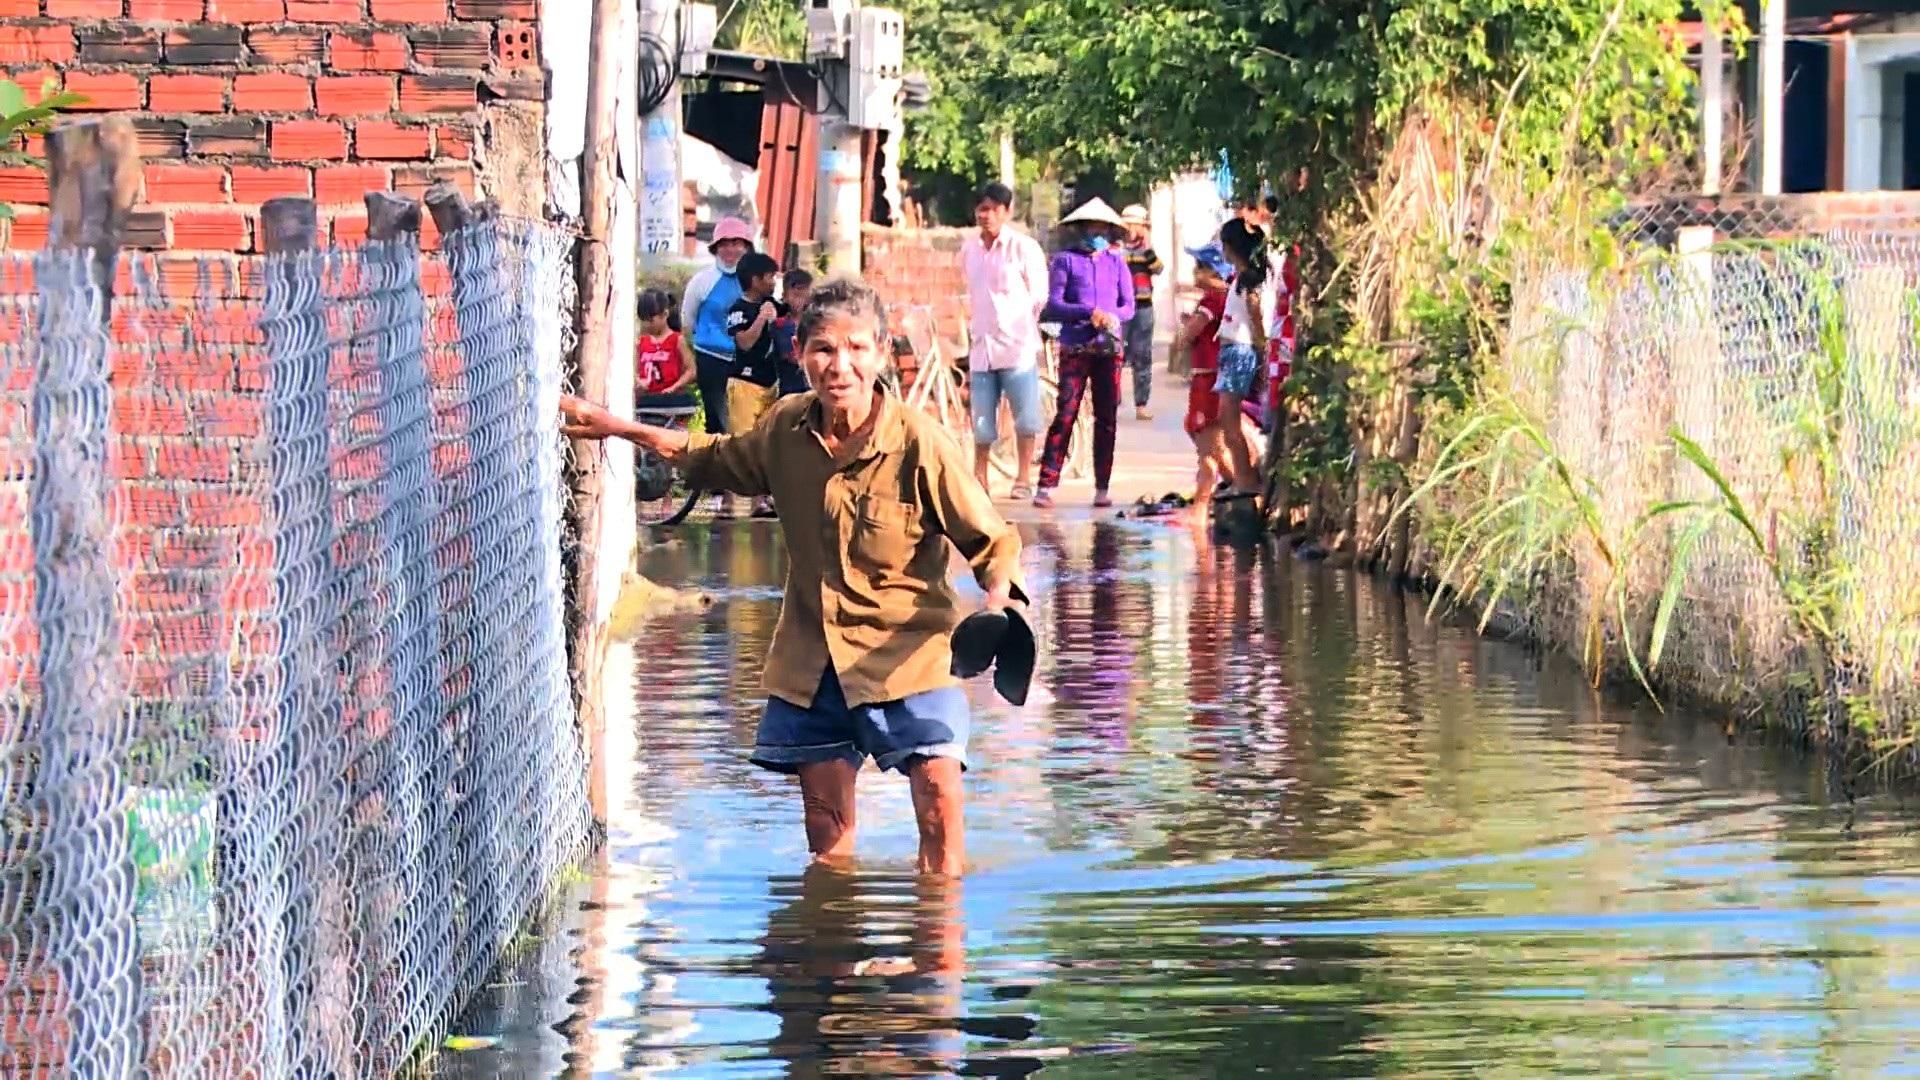 Gần 3 tháng, 40 hộ dân bị nhấn chìm trong lụt lội, ô nhiễm! - Ảnh 4.